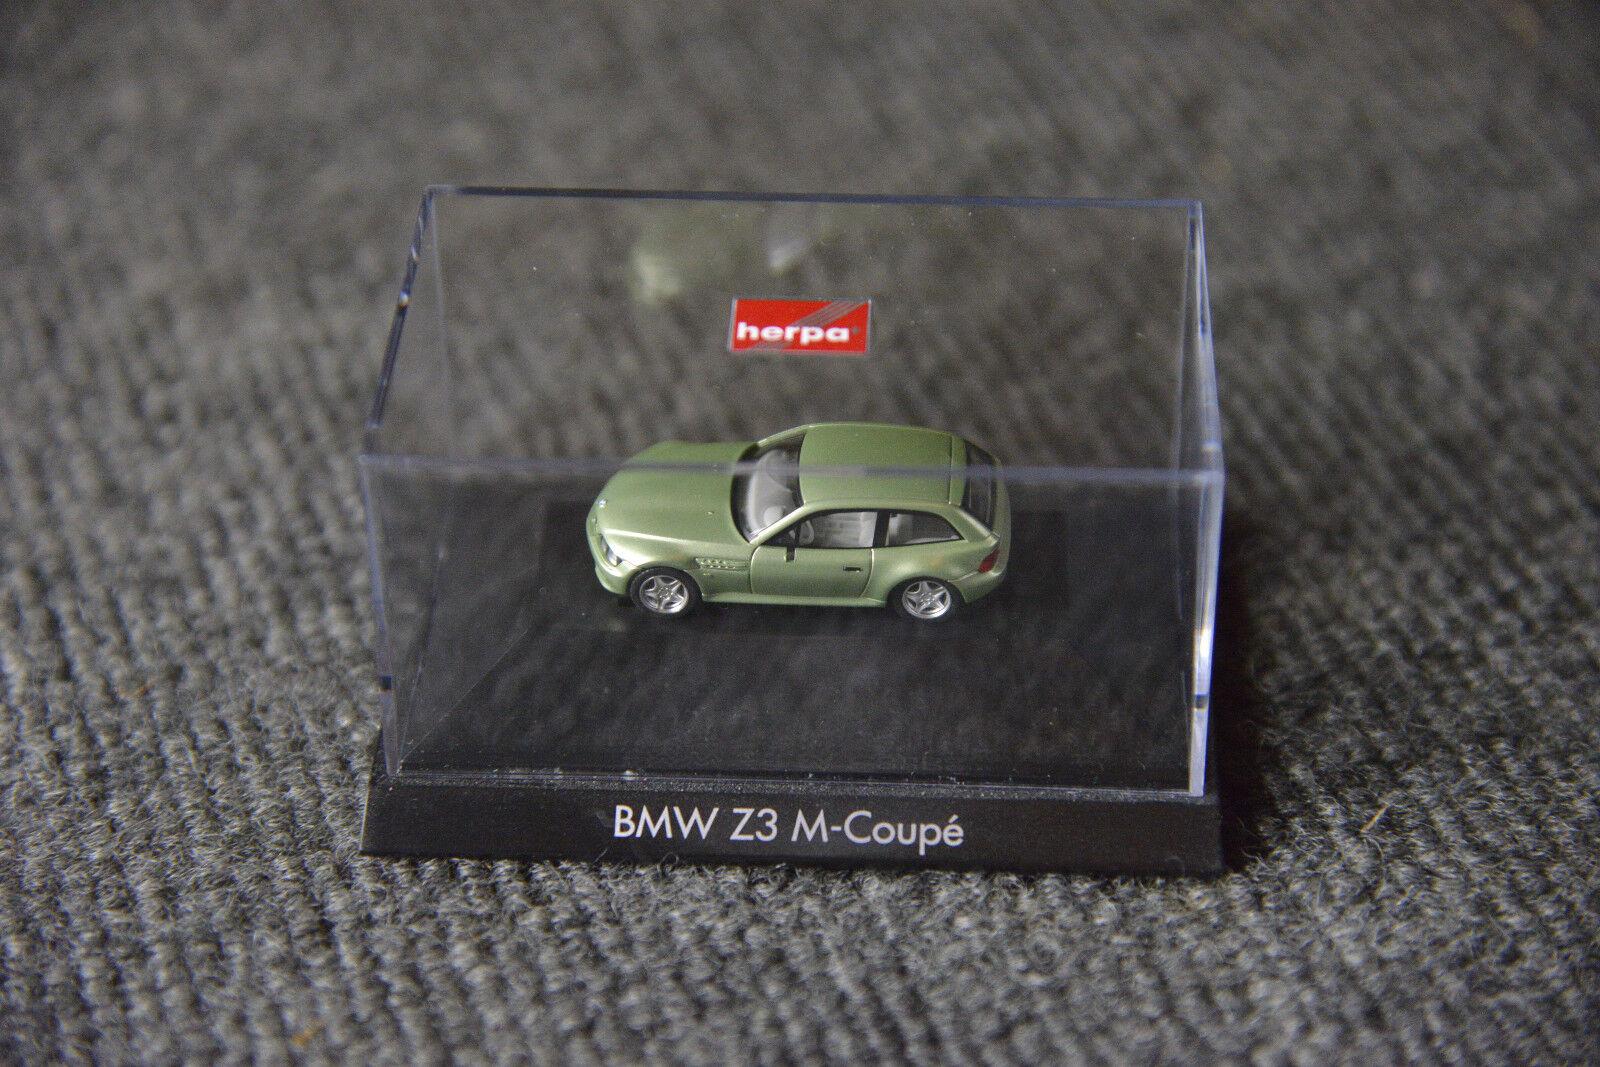 BMW Collection privée M3 M Z3 Coupé Mini Voiture Shop modèle verts allemand concessionnaire